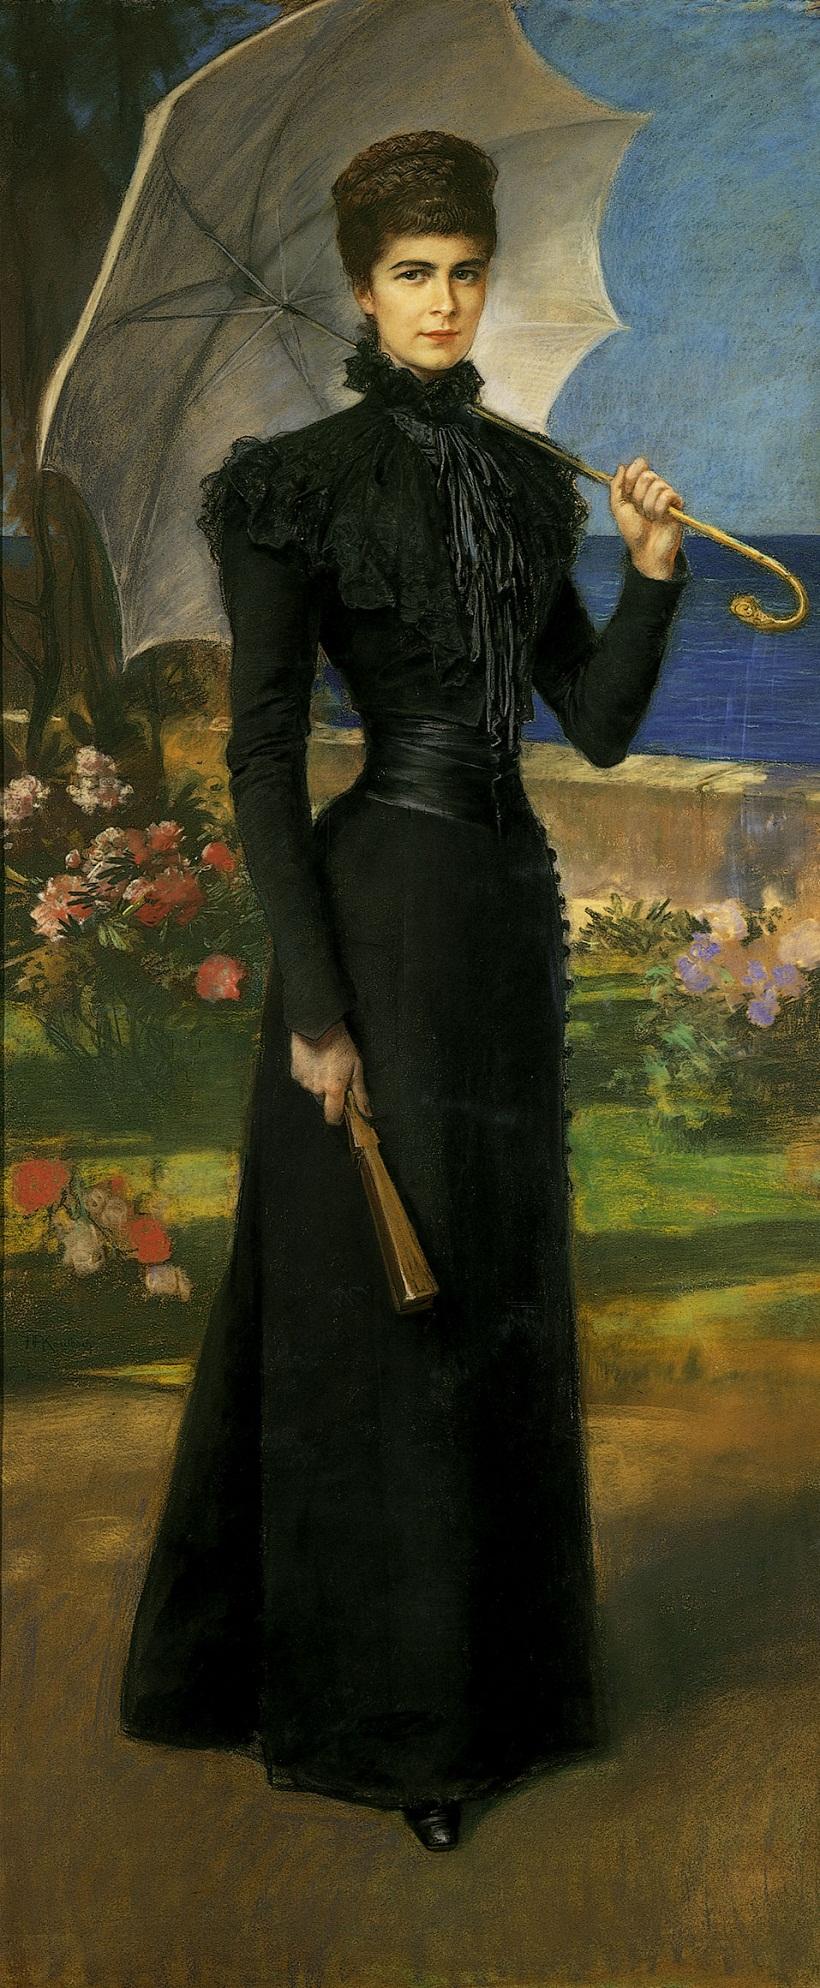 Kaiserin Elisabeth auf Korfu klein Pastell von Friedrich August Kaulbach nach 1898 Bundesmobilienverwaltung